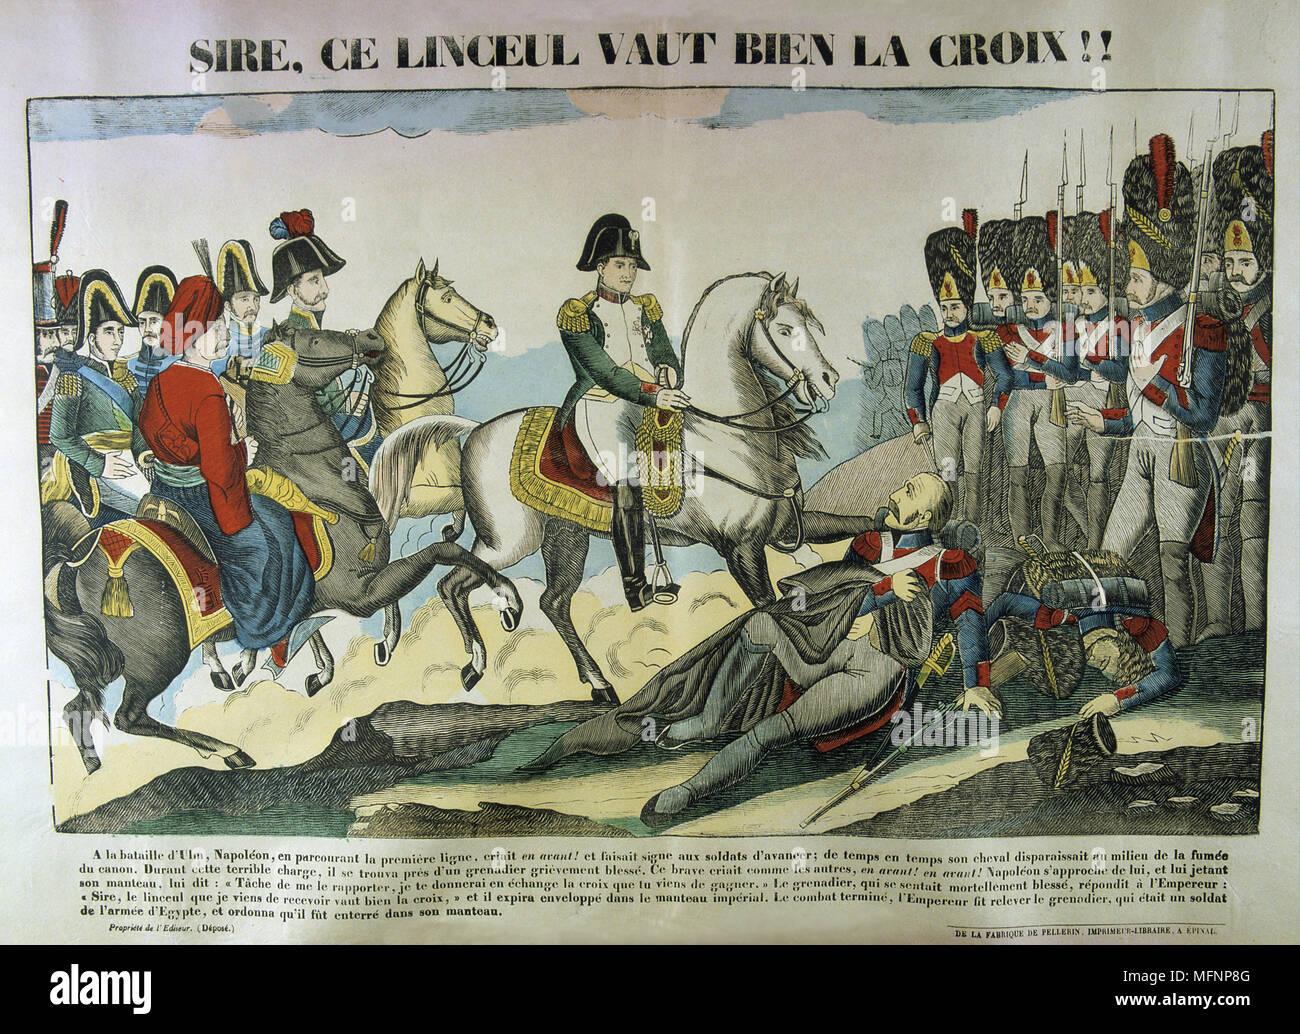 Napoleón I en la batalla de Ulm, 16-19 de octubre de 1805. El resultado fue una resonante victoria francesa la captura de todo el ejército austríaco . Napoleón hablando con un granadero francés herido. Popular del siglo XIX xilografía coloreada a mano. Imagen De Stock